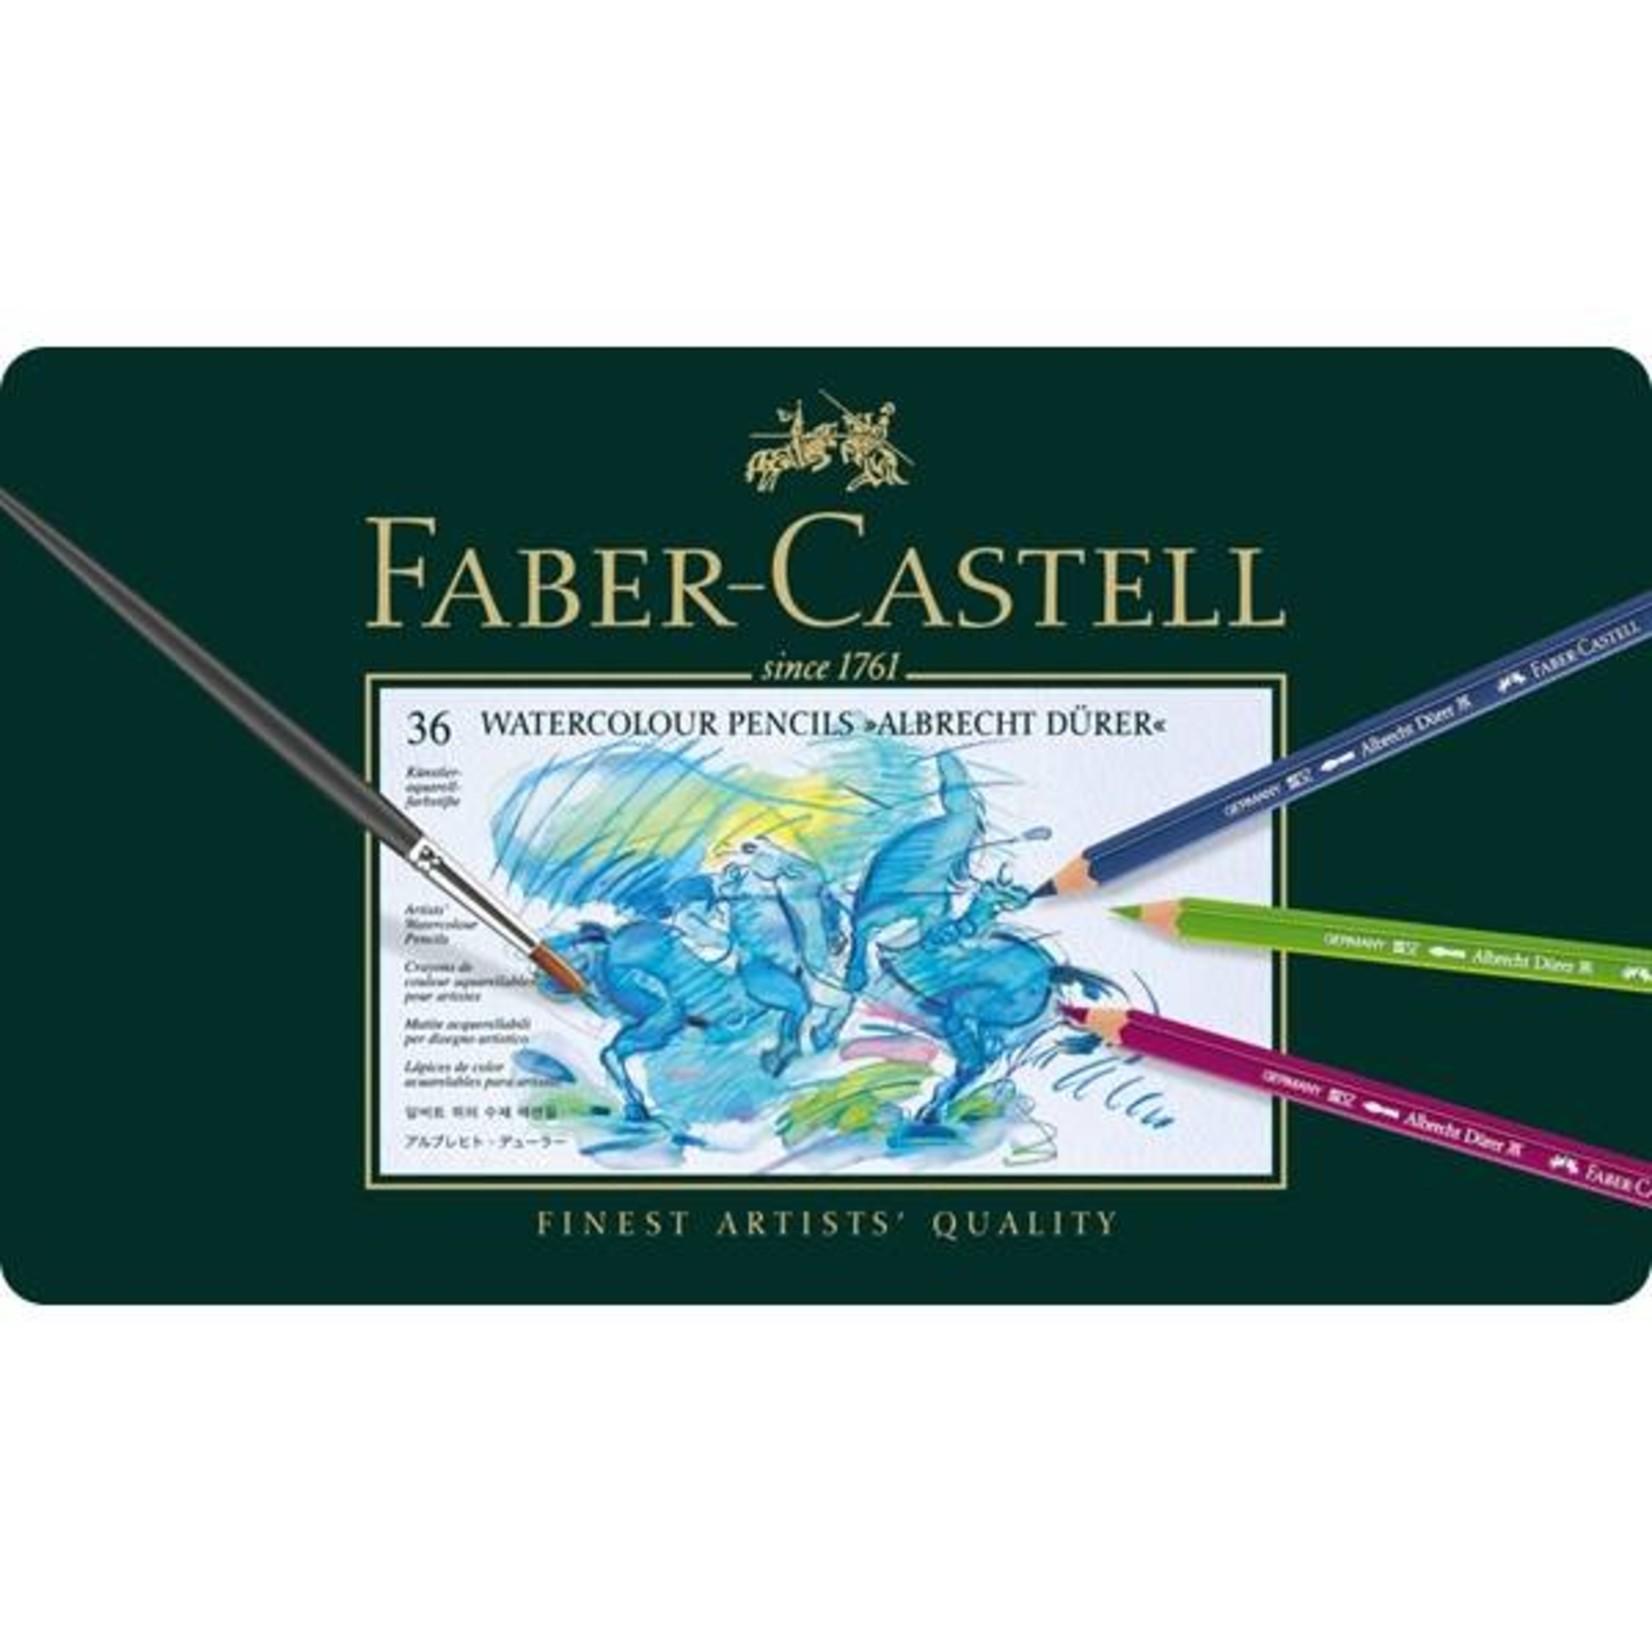 Faber-Castell Faber Castell Albrecht Dürer Künstlerstifte 36Stk